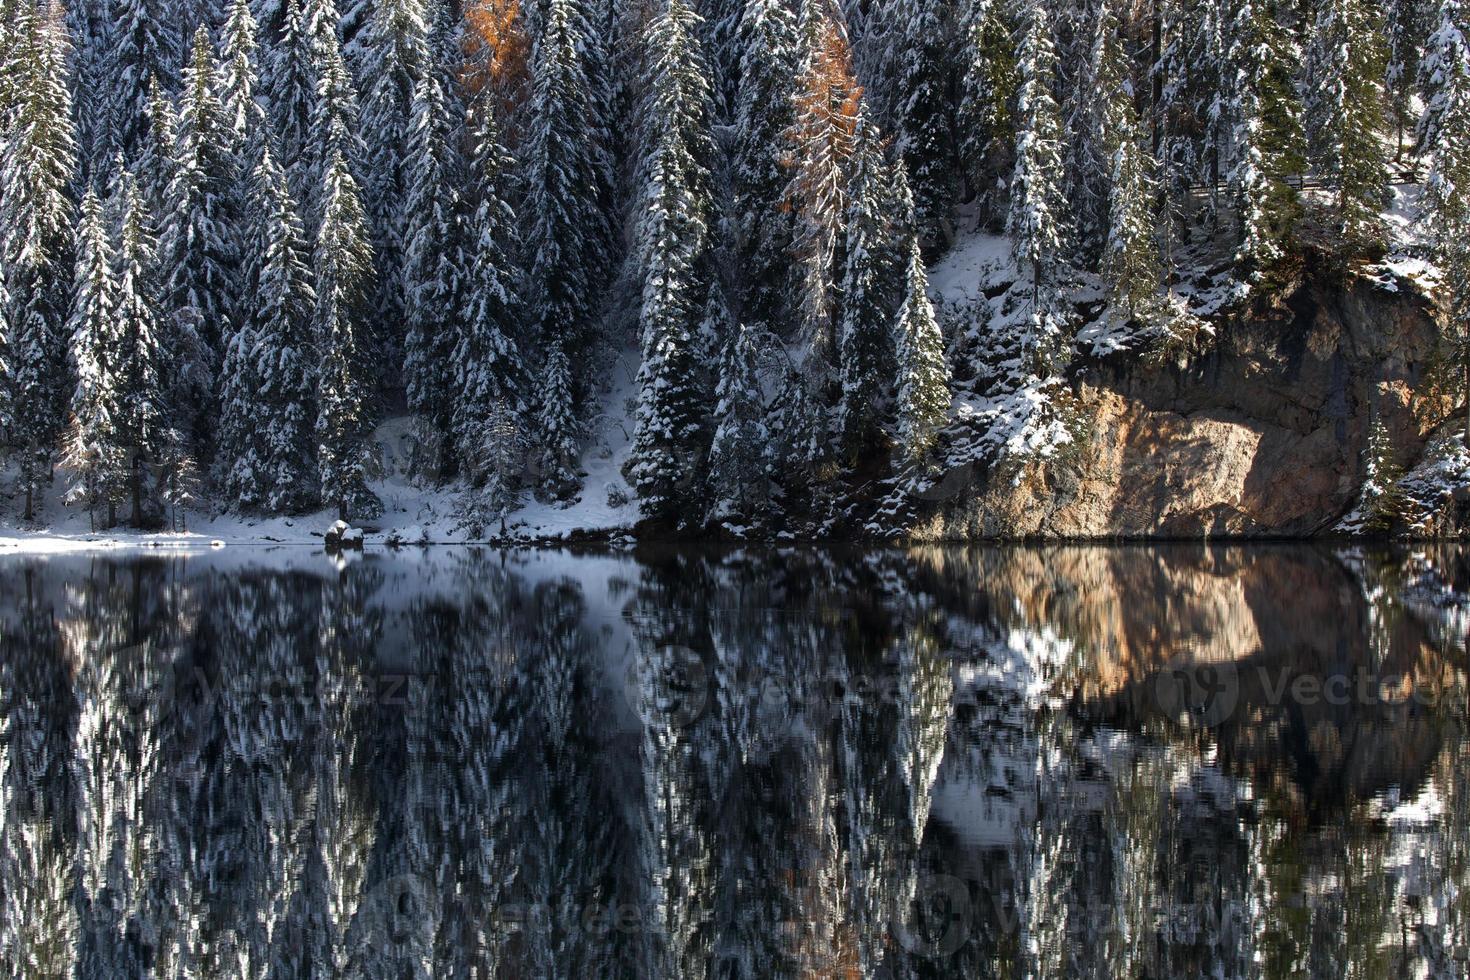 lago di braies ii photo